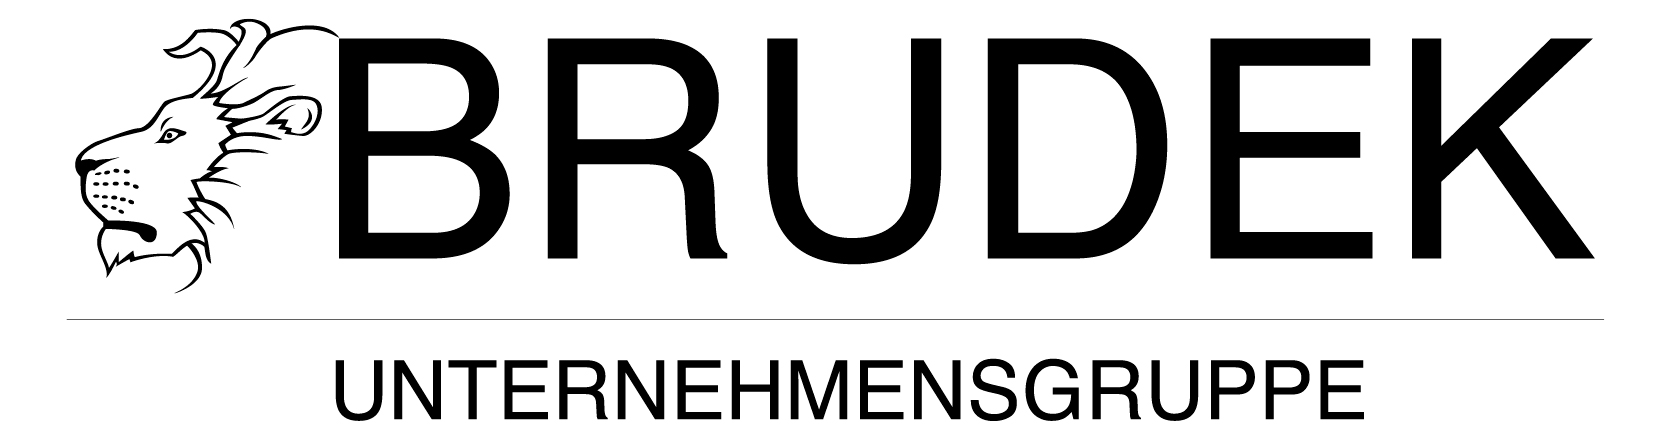 Brudek Unternehmensgruppe GmbH